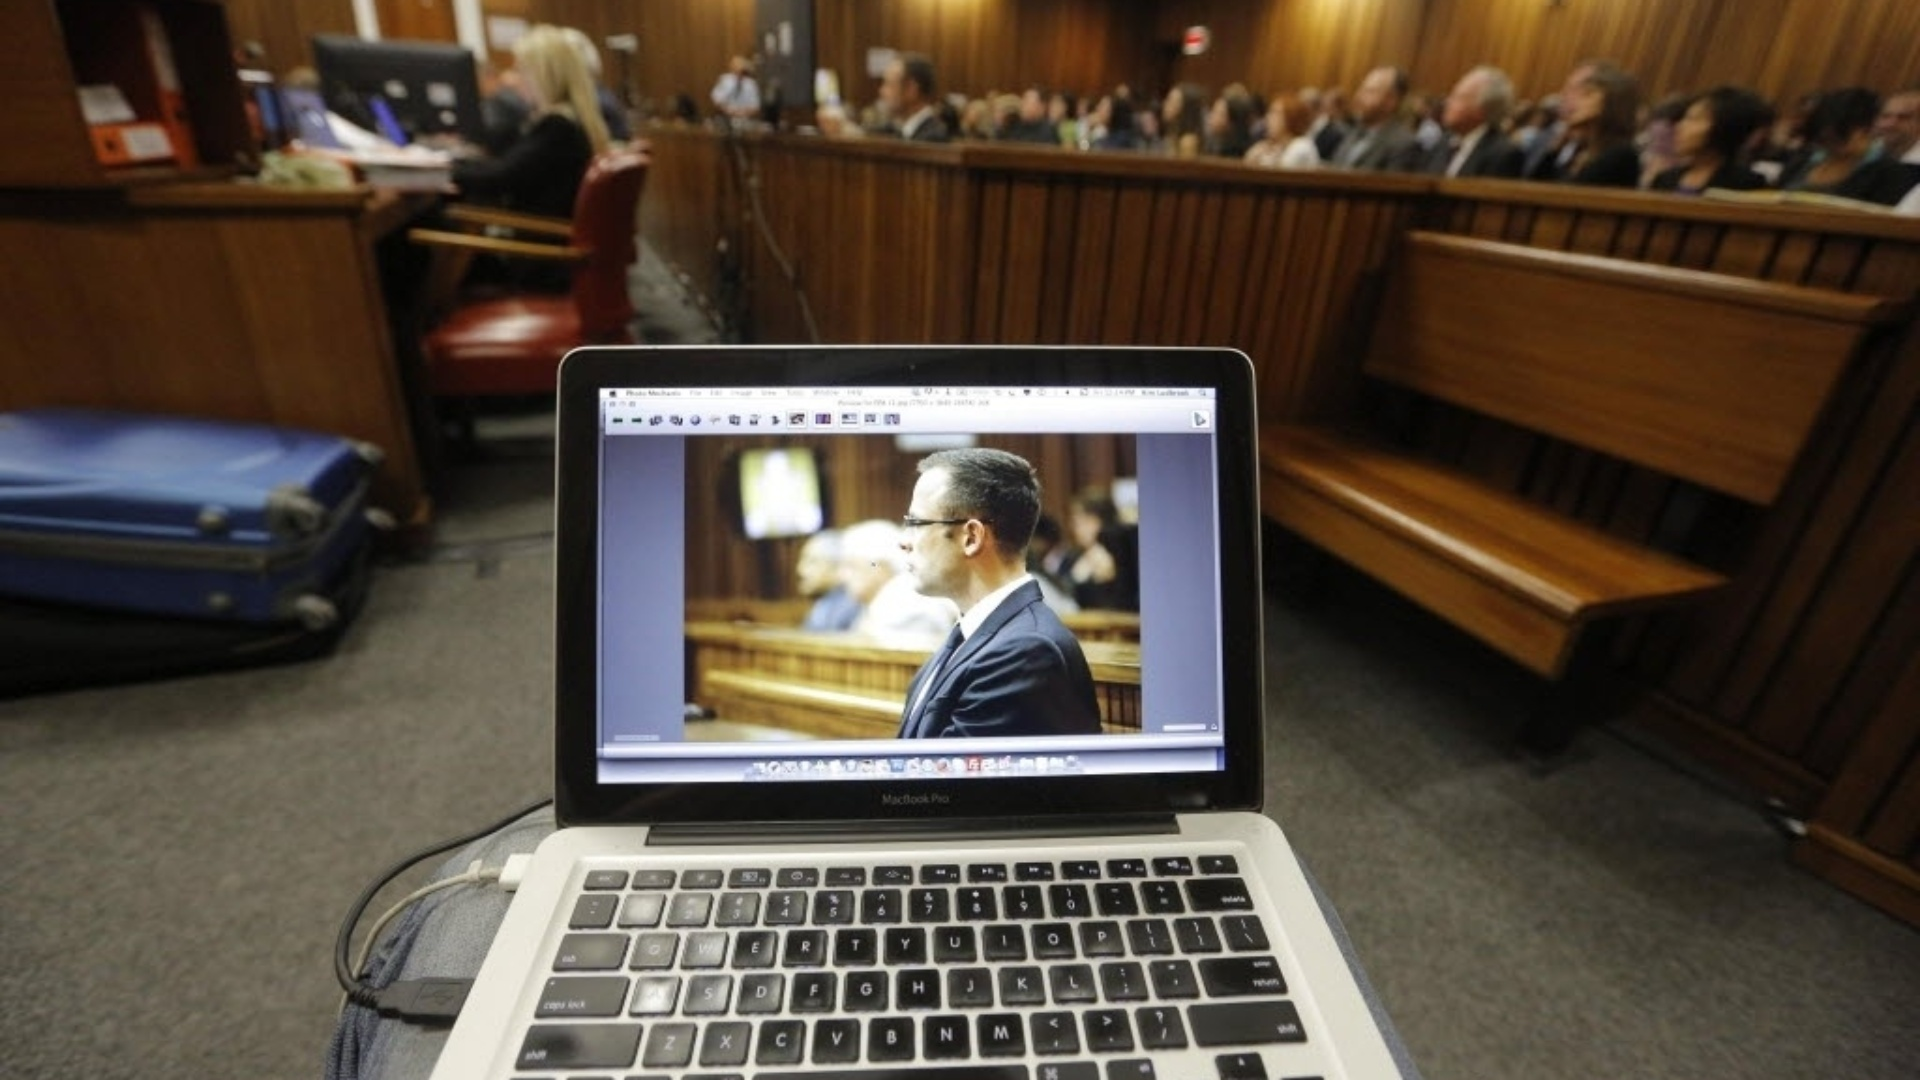 14.mar.2014 - Fotografia do sul africano paraolímpico Oscar Pistorius na tela de um laptop, durante o julgamento aberto contra ele pelo assassinato de sua namorada, no Tribunal Superior de Pretória, na África do Sul